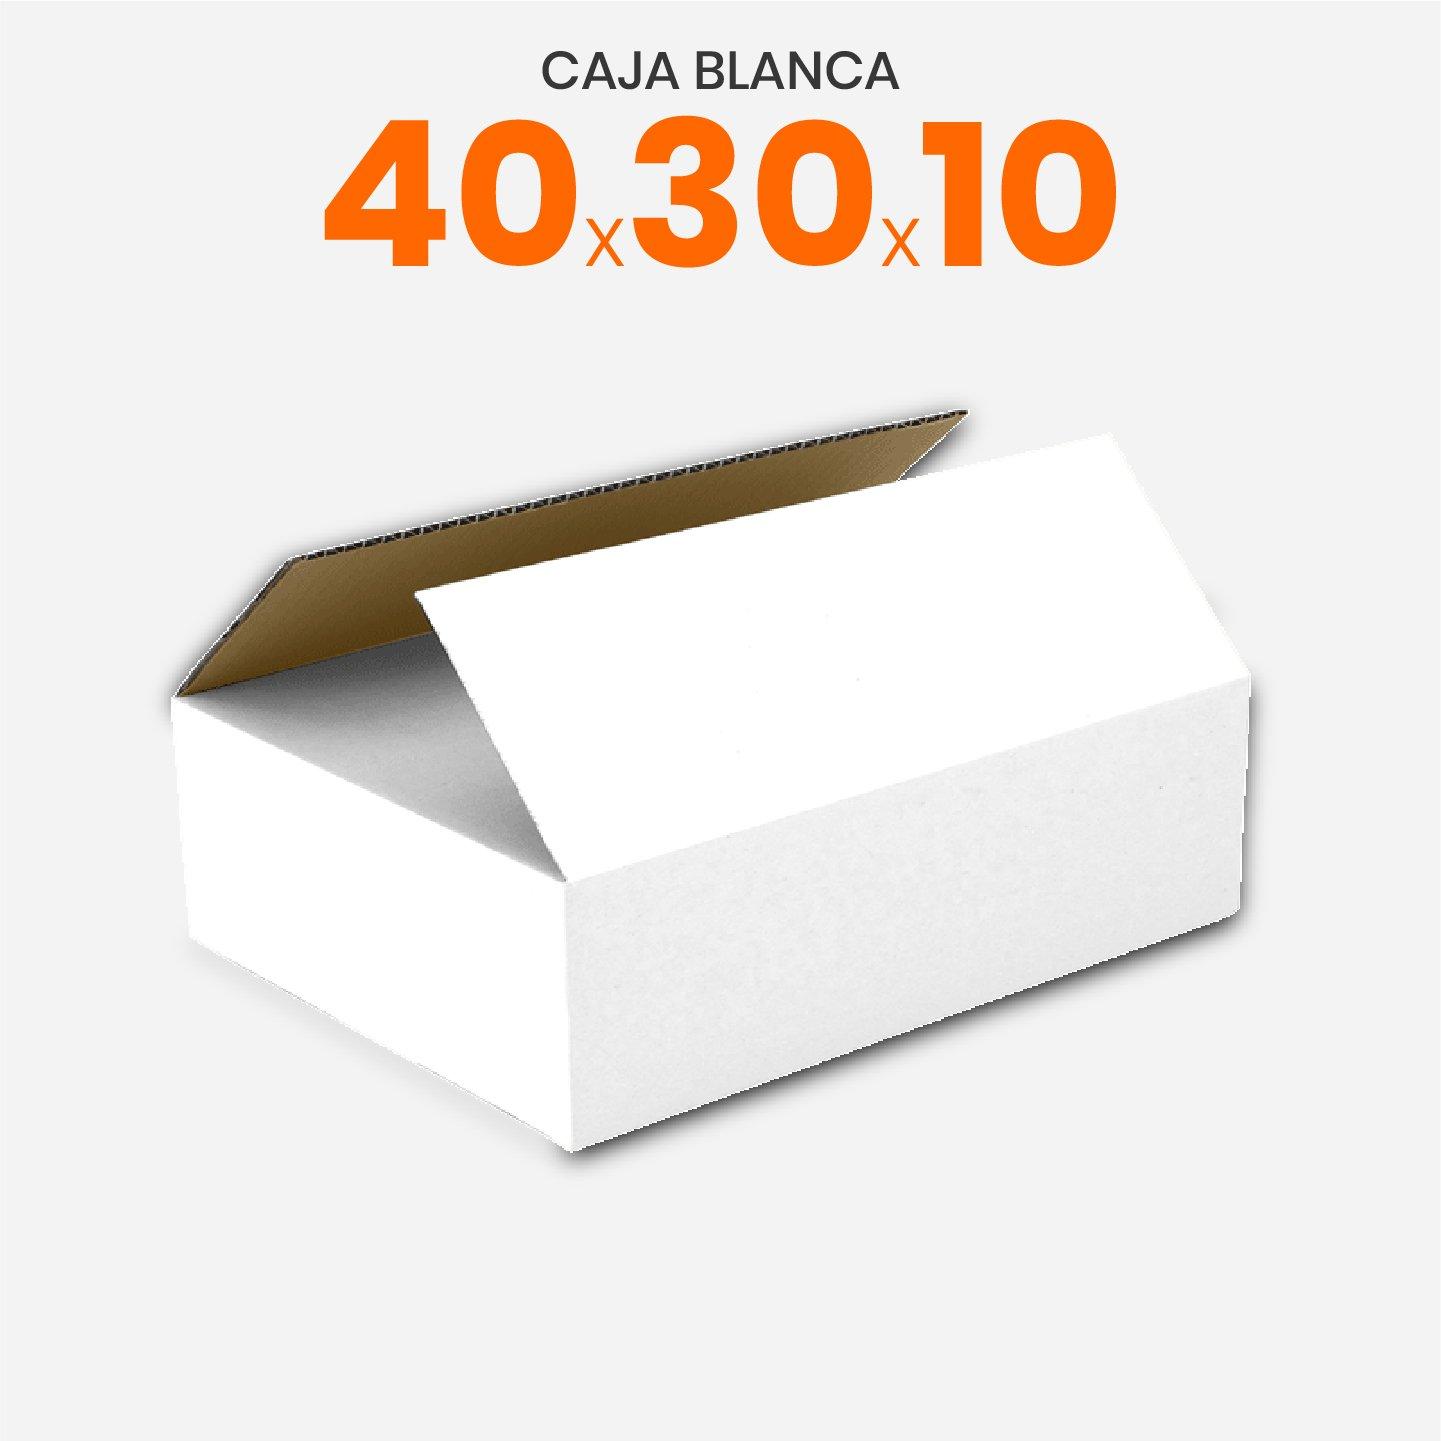 Caja De Cartón Corrugado Reforzada Blanca 40x30x10